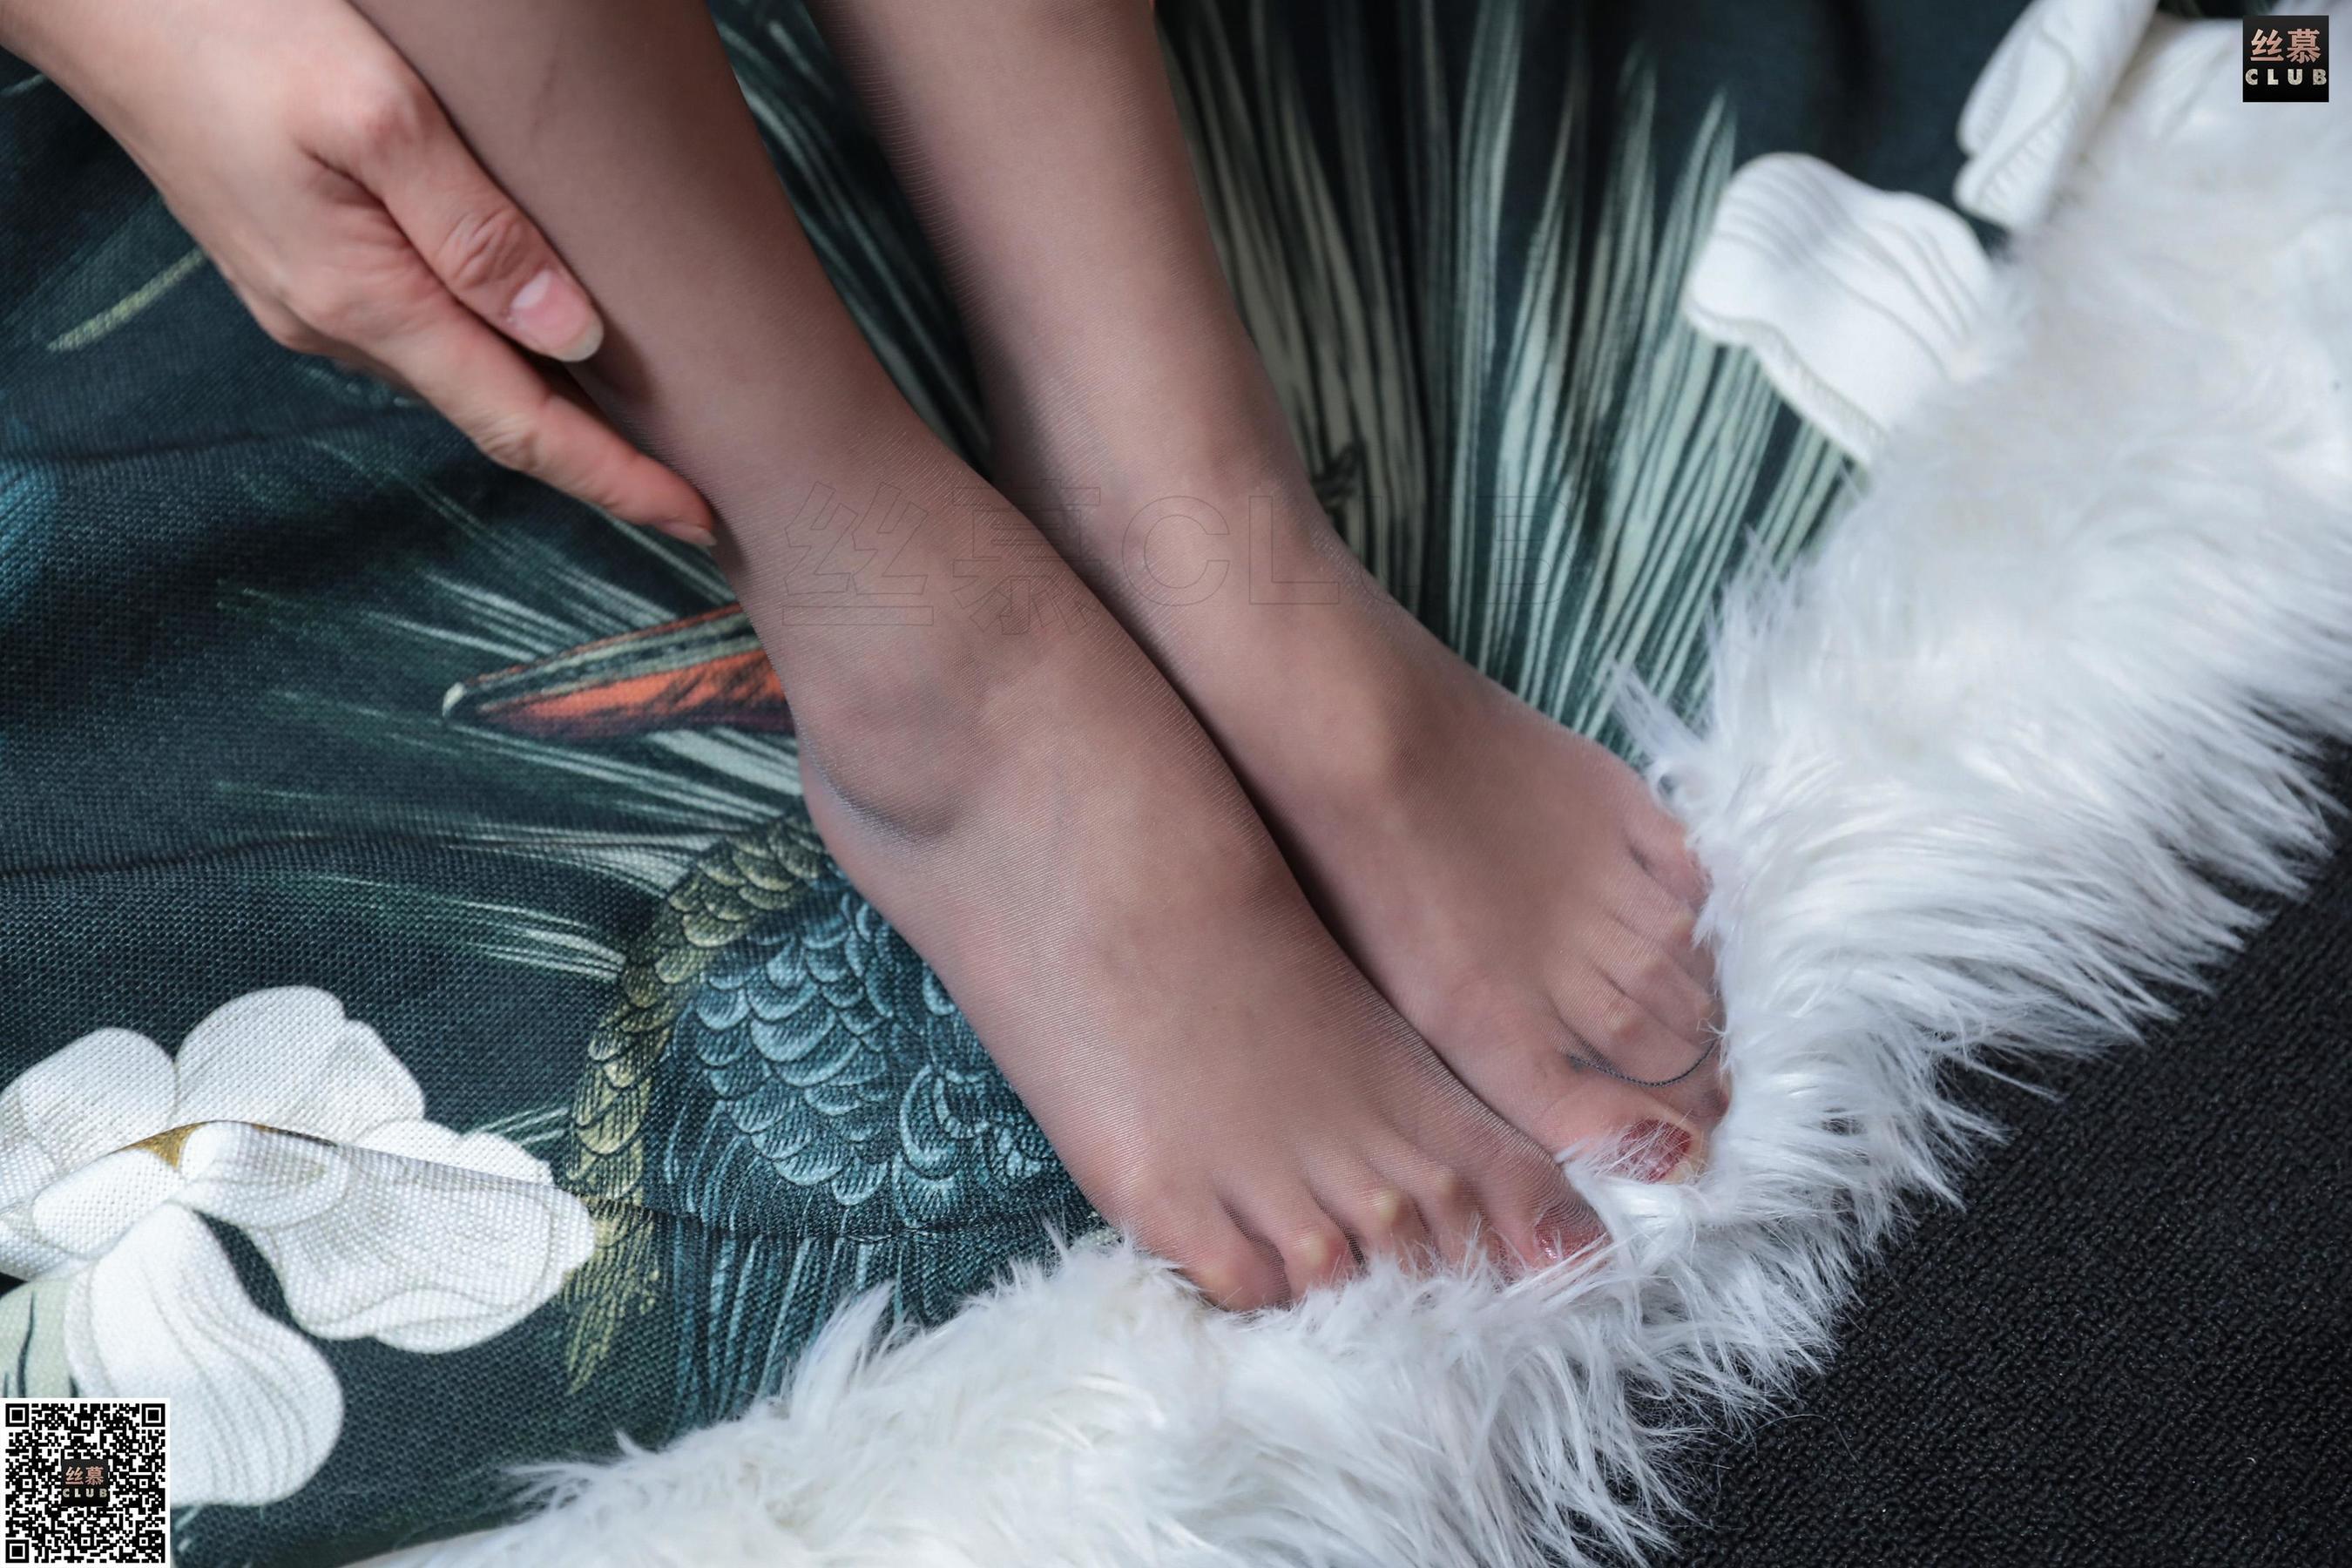 [网络美女]桜井宁宁(Coser桜井宁宁)超高清写真大图片(29P) 216热度